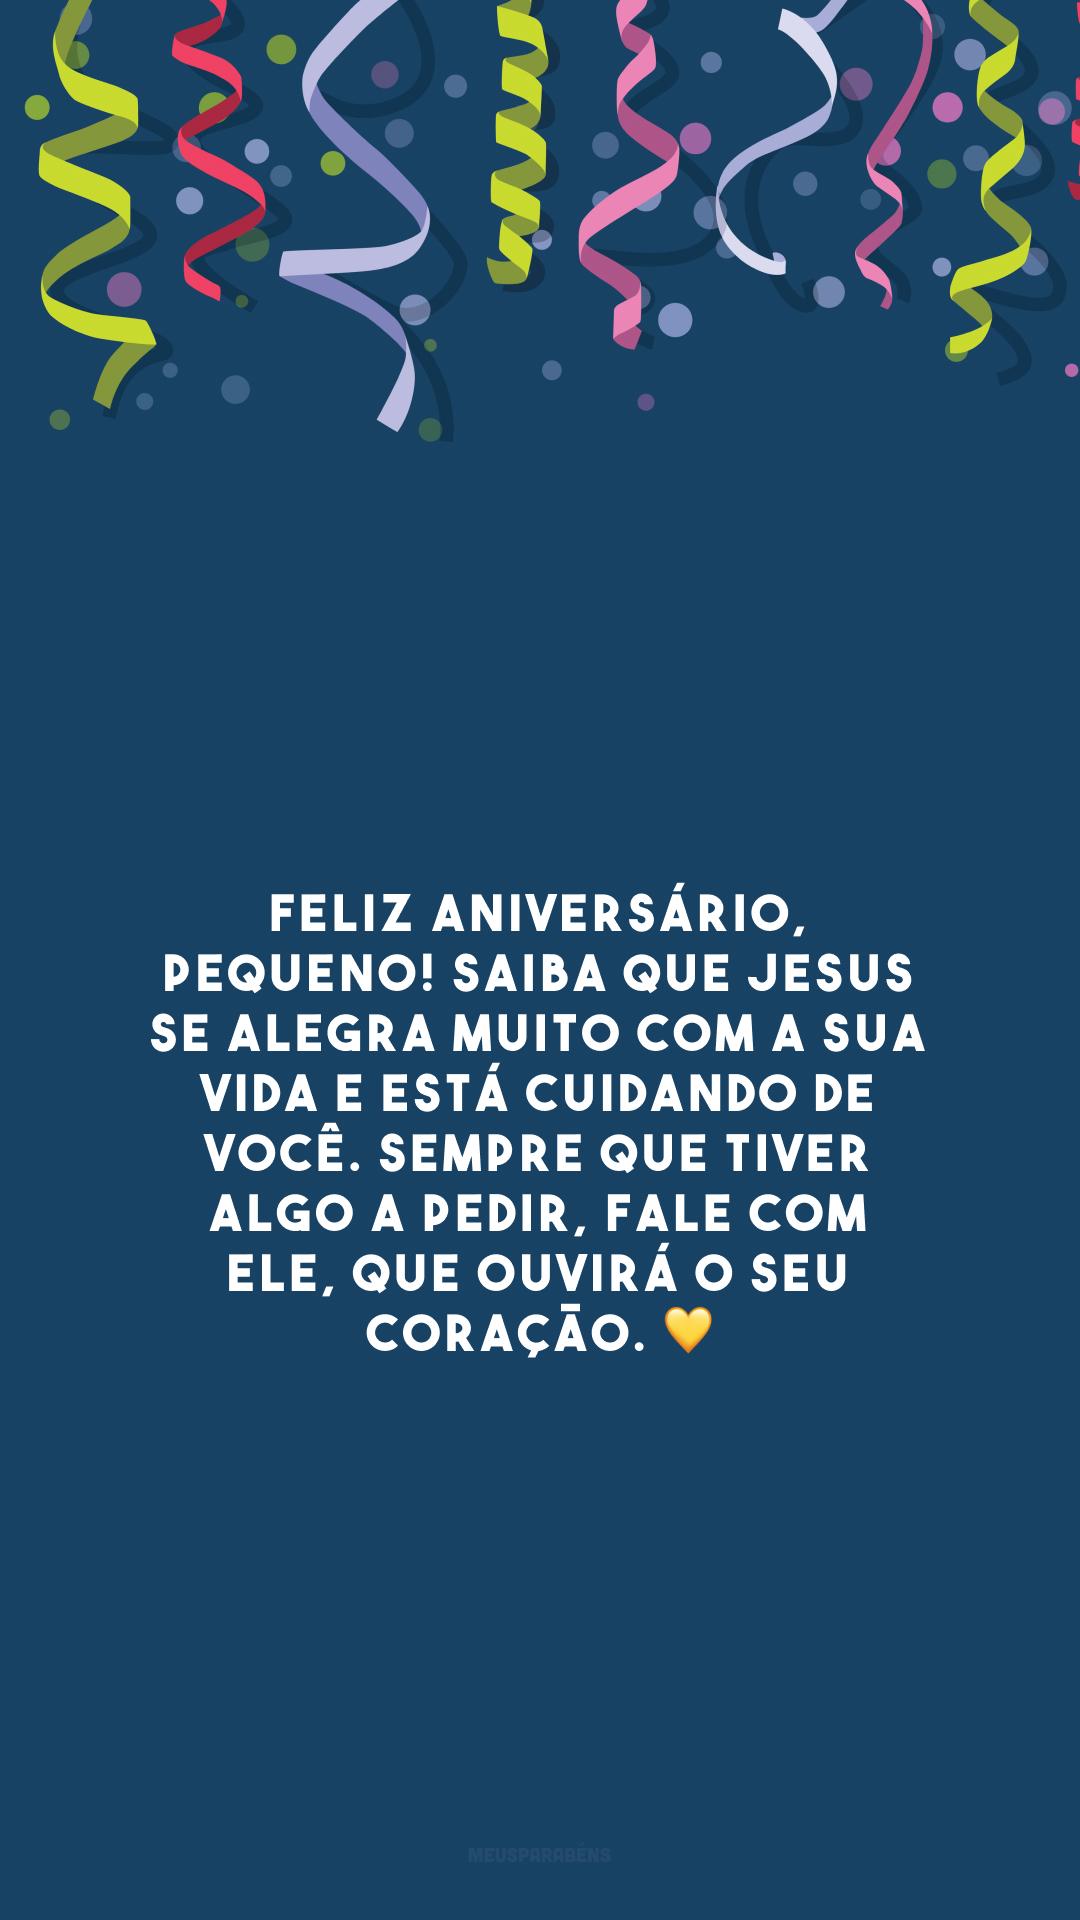 Feliz aniversário, pequeno! Saiba que Jesus se alegra muito com a sua vida e está cuidando de você. Sempre que tiver algo a pedir, fale com Ele, que ouvirá o seu coração. 💛